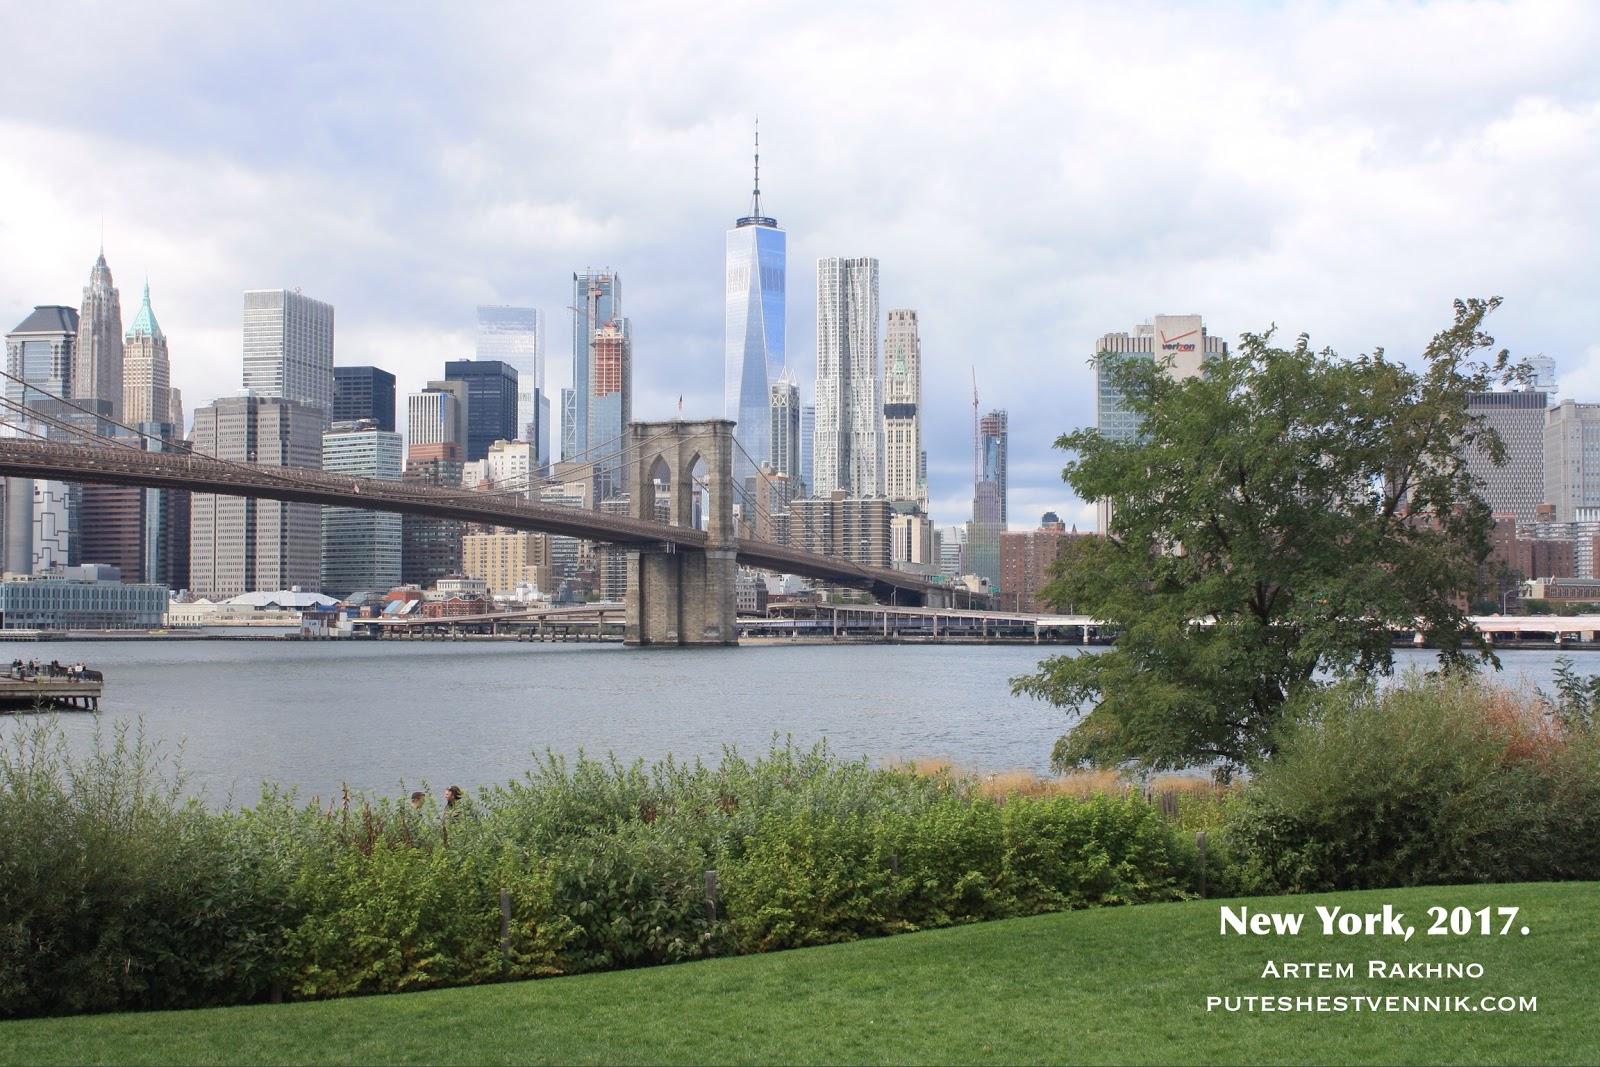 Парк Бруклин-Бридж и Бруклинский мост